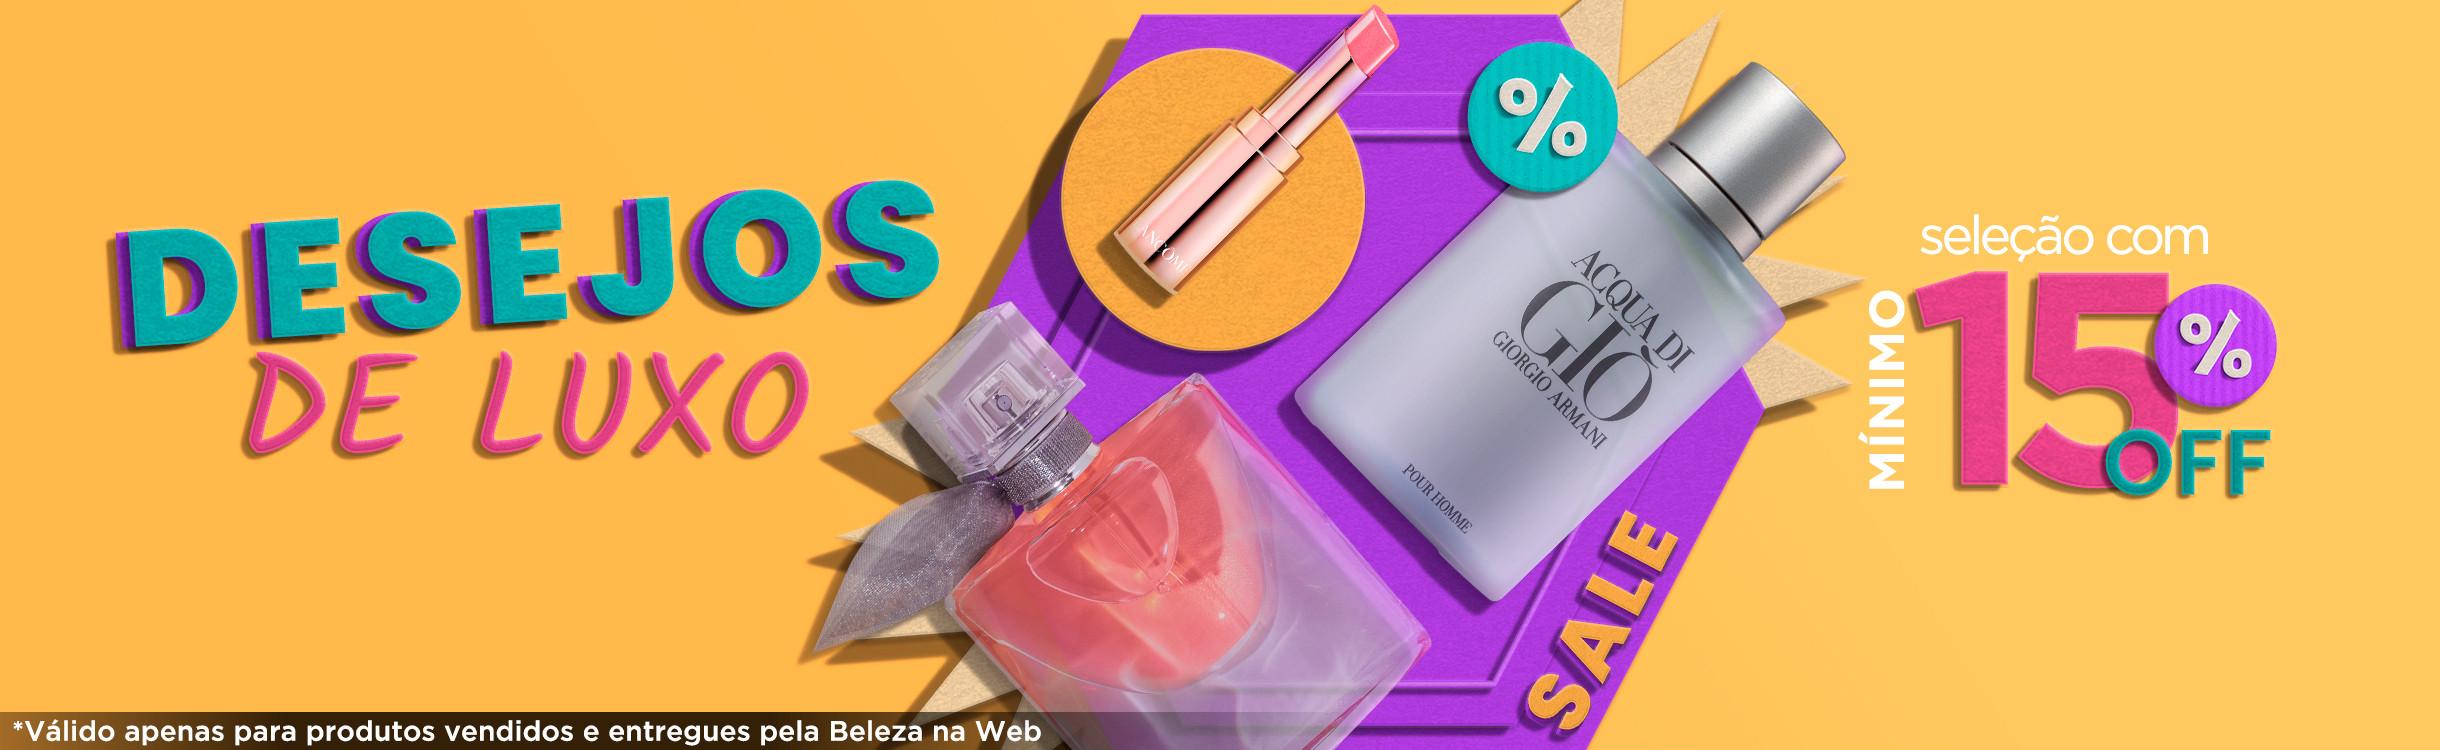 Desejos de Luxo | Mínimo 15% off